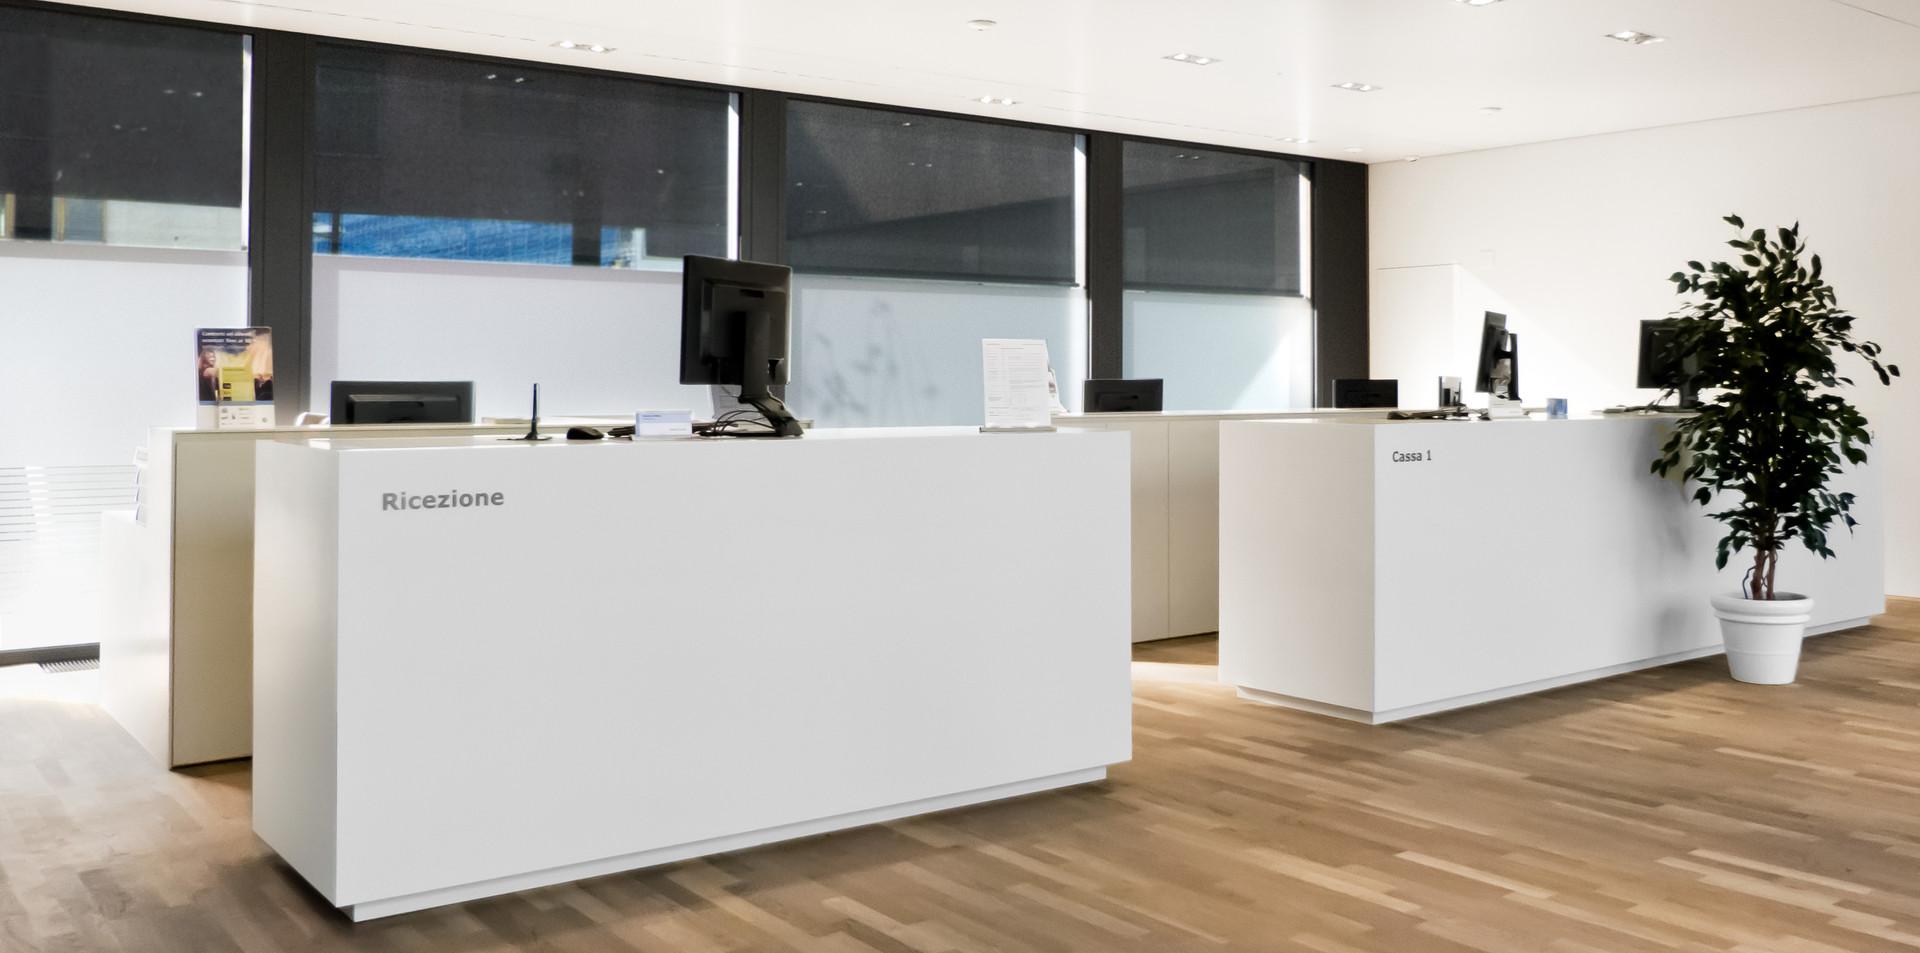 Arredamento per uffici e banche